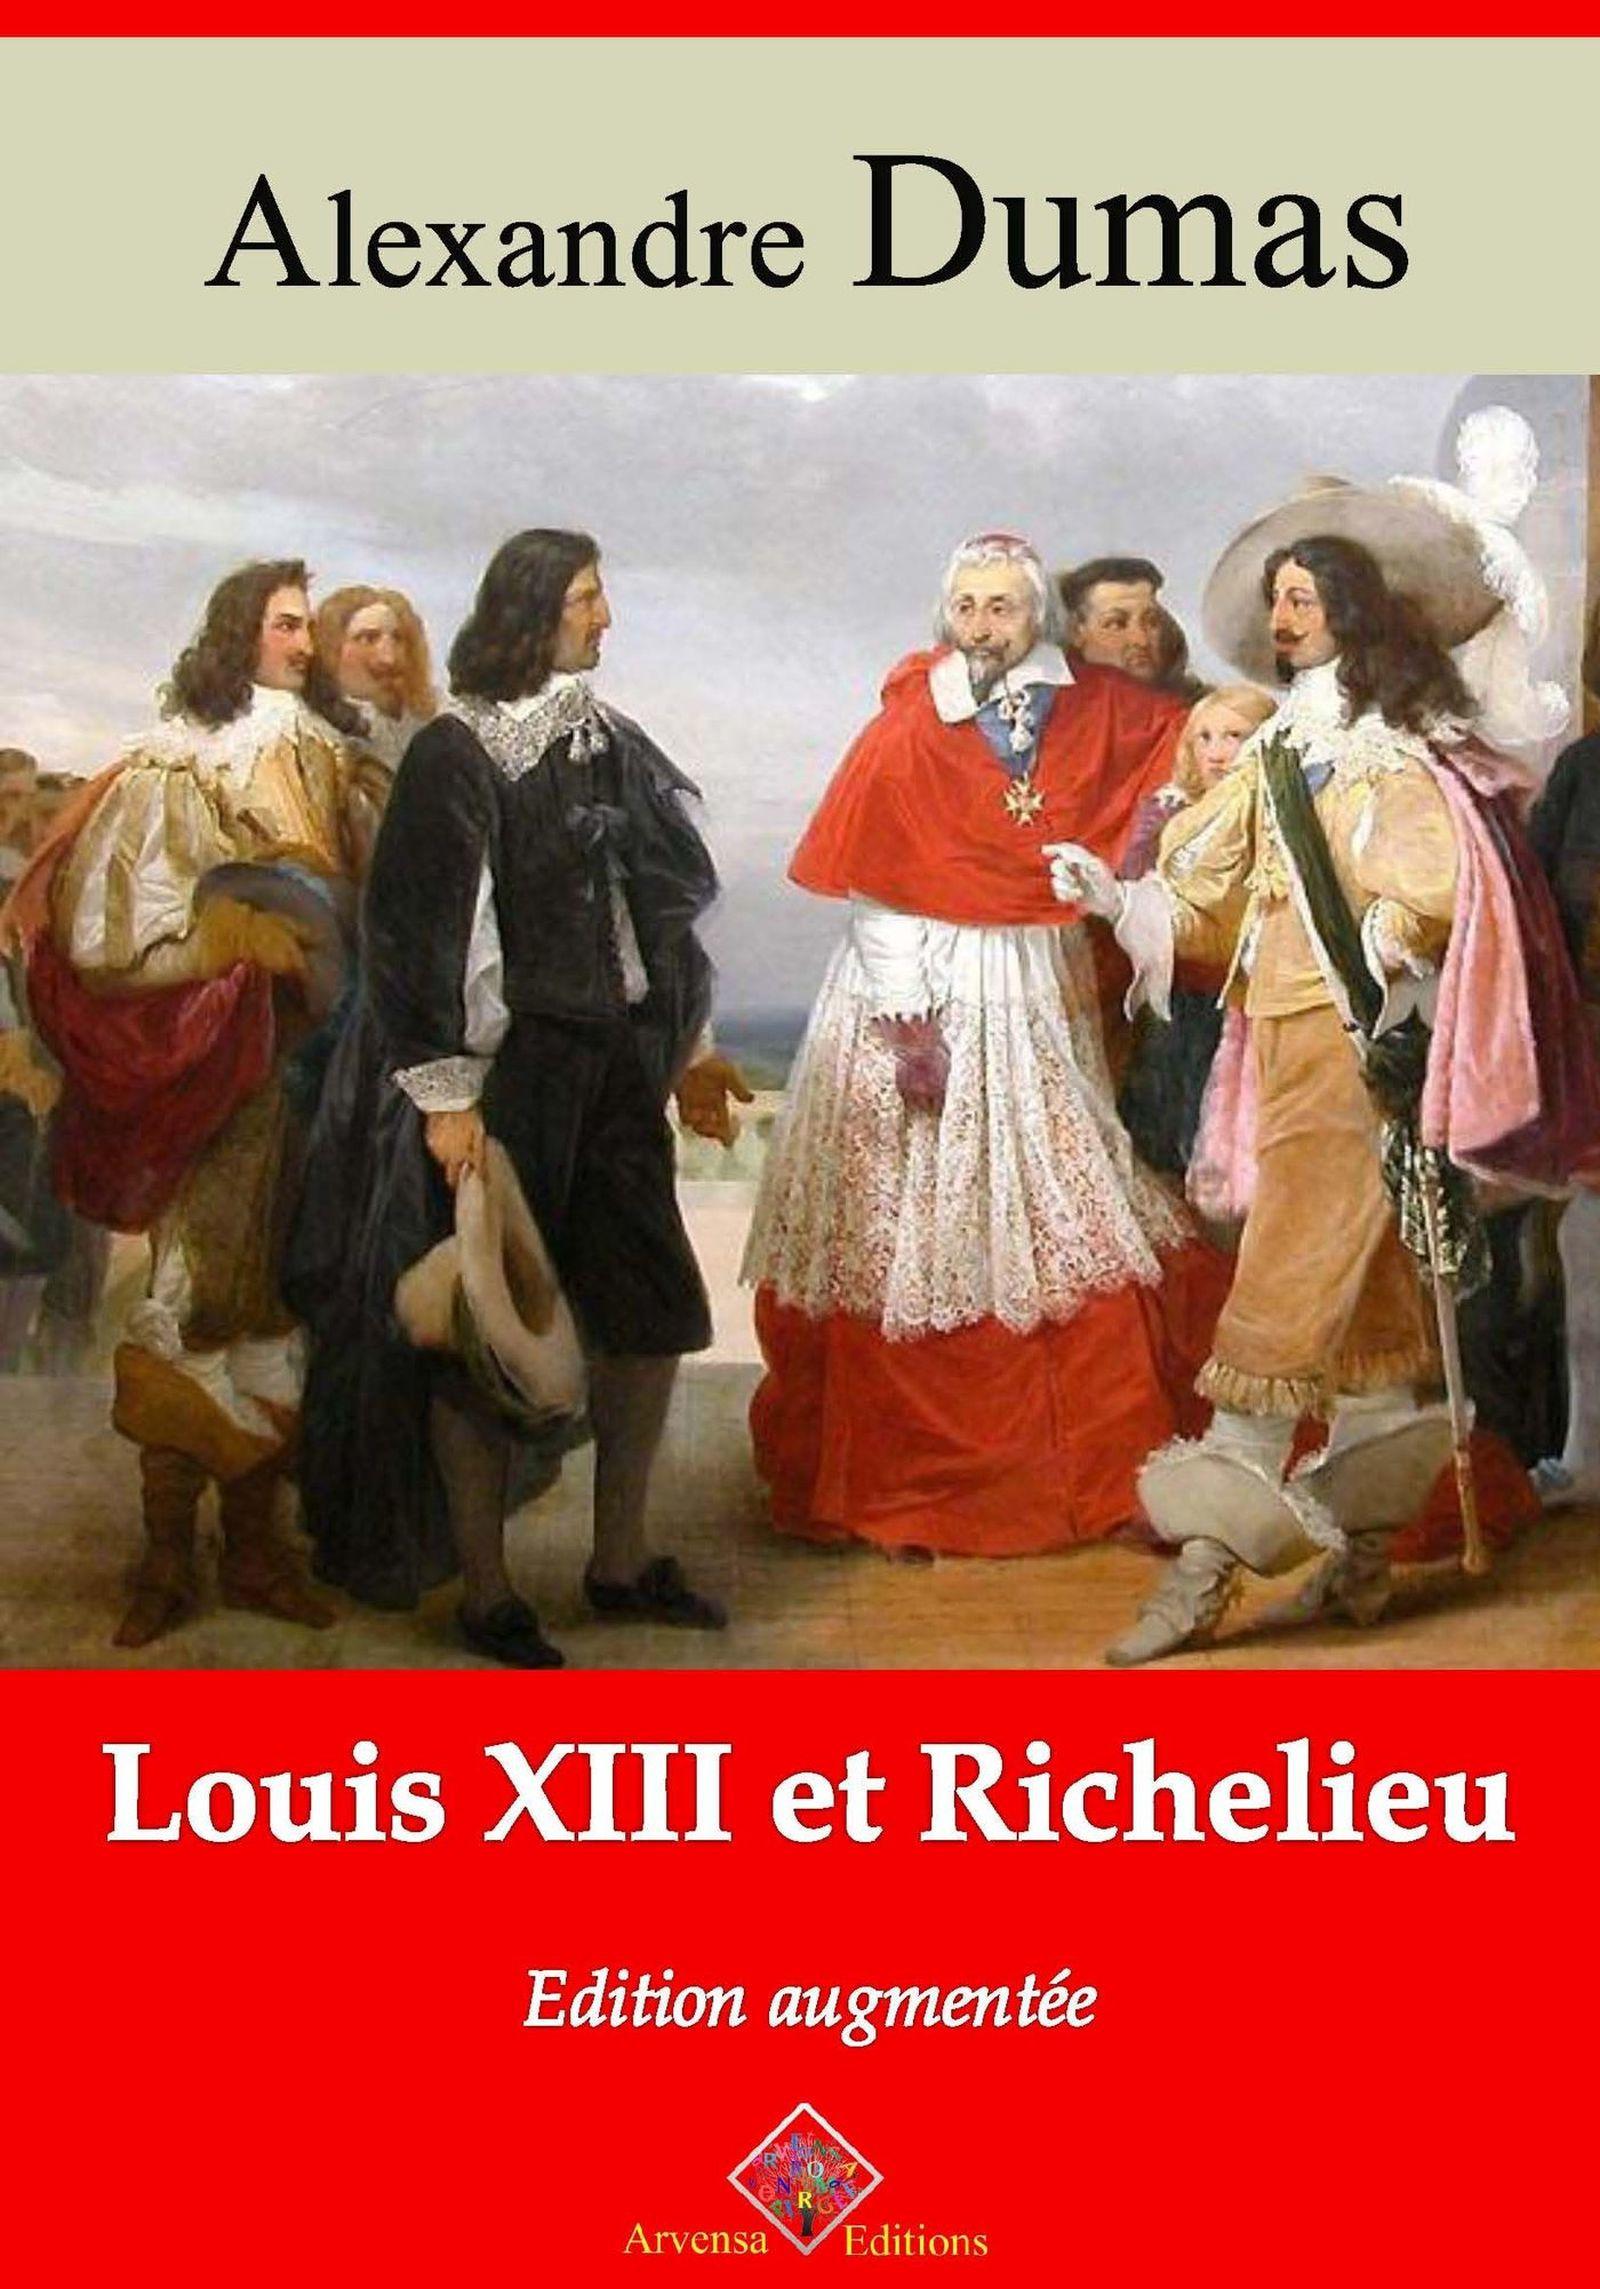 Louis XIII et Richelieu - suivi d'annexes